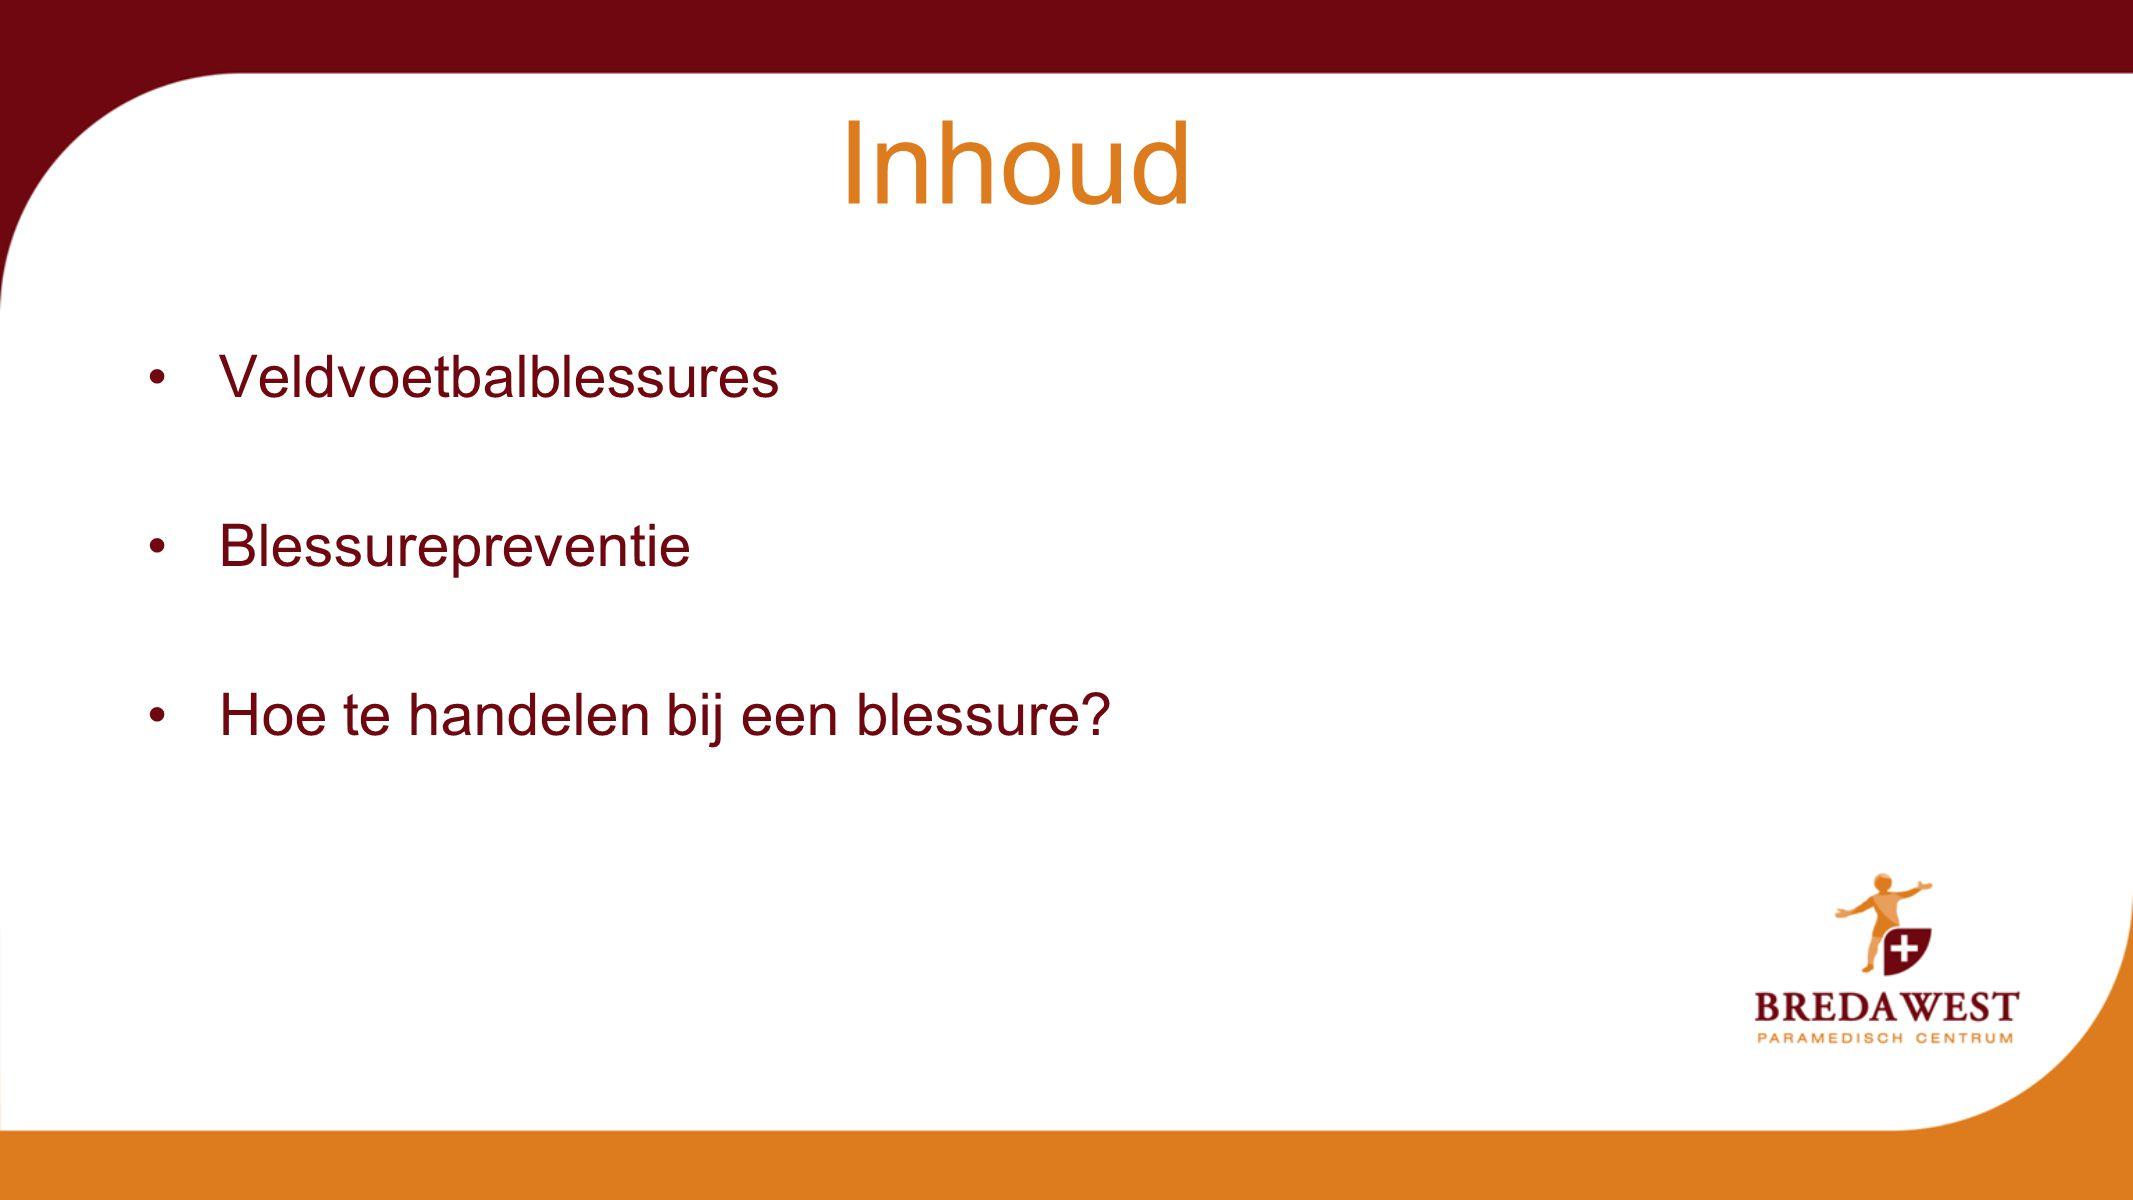 Breda West Paramedisch Centrum Inhoud Veldvoetbalblessures Blessurepreventie Hoe te handelen bij een blessure?